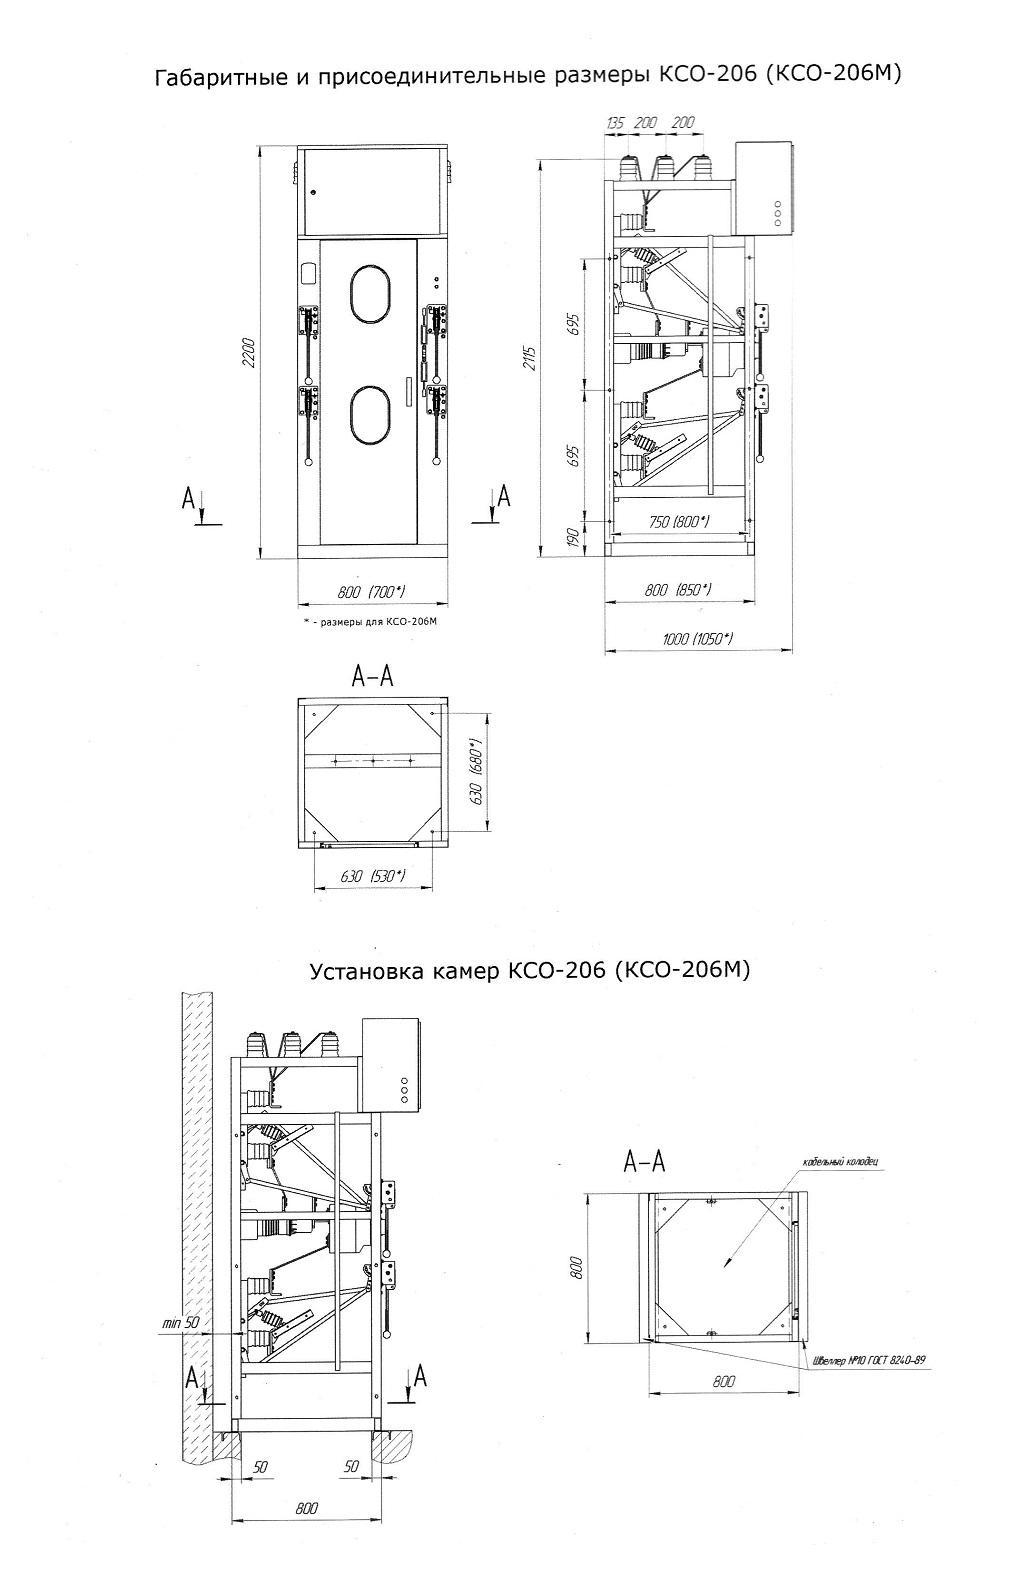 Однолинейные схемы ячеек КСО 206м.